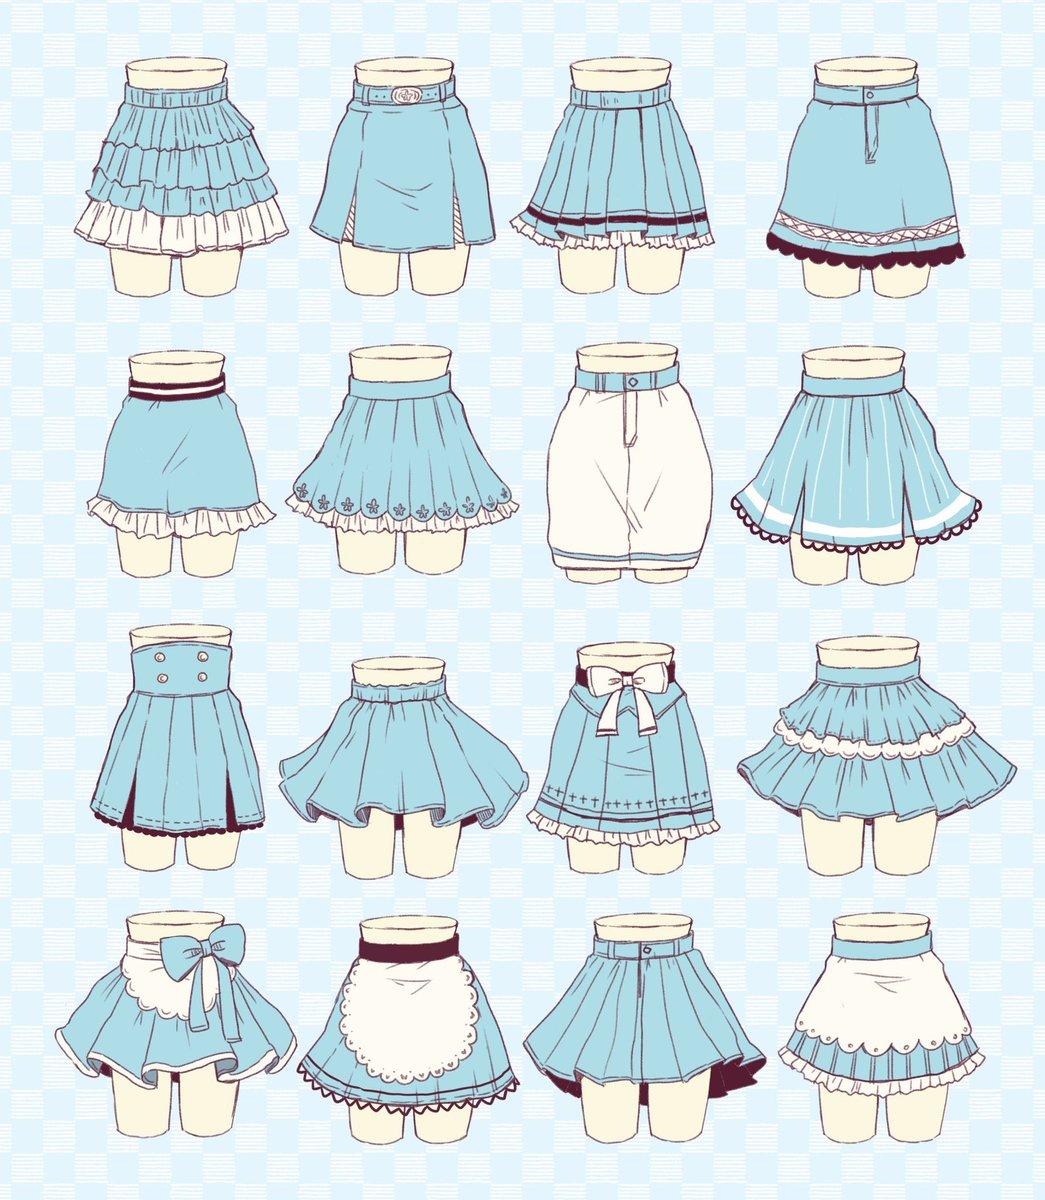 可愛いスカートの作画資料 #ミニスカートの日